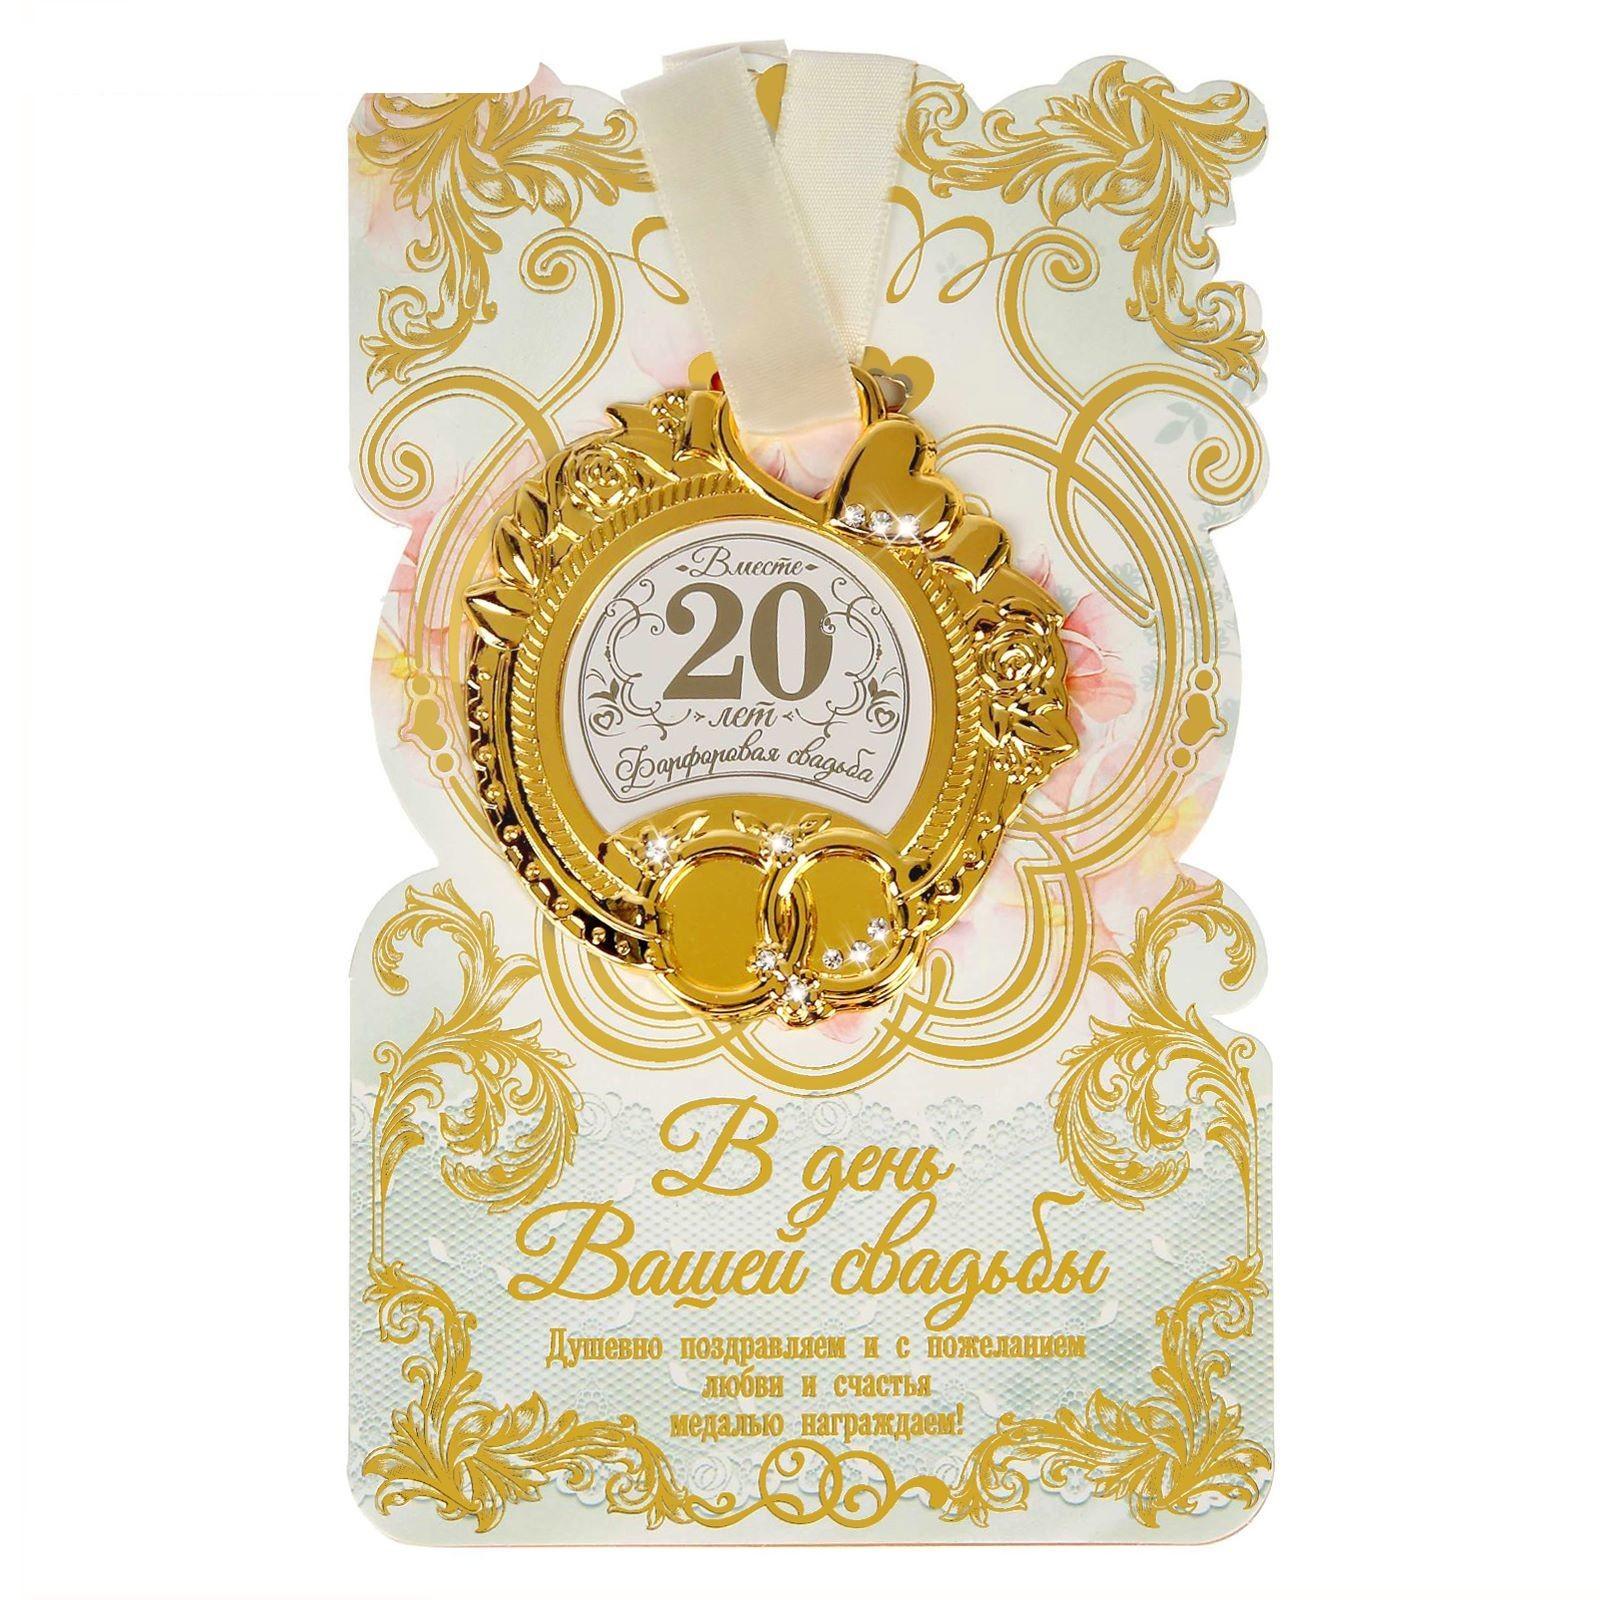 открытка с медалью на свадьбу цвет объясняется самом